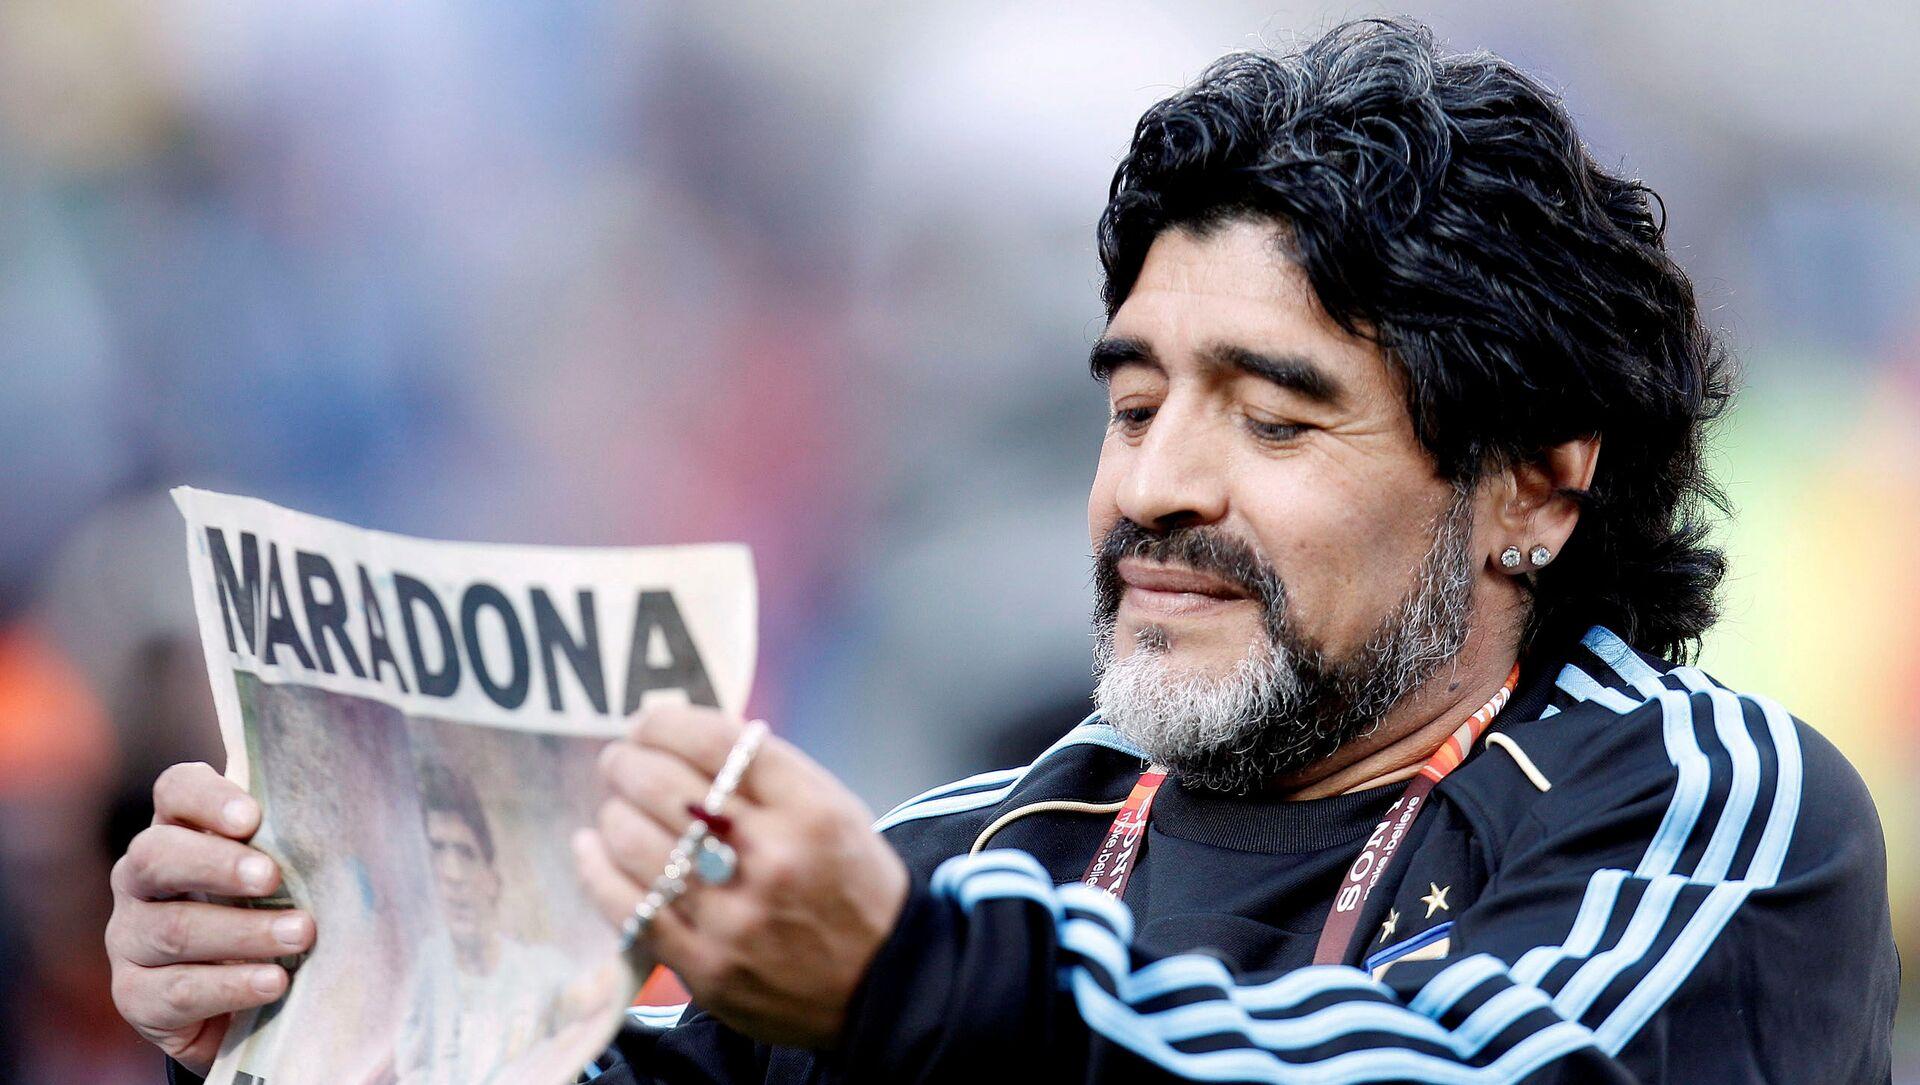 Diego Armando Maradona, exfutbolista argentino - Sputnik Mundo, 1920, 30.11.2020